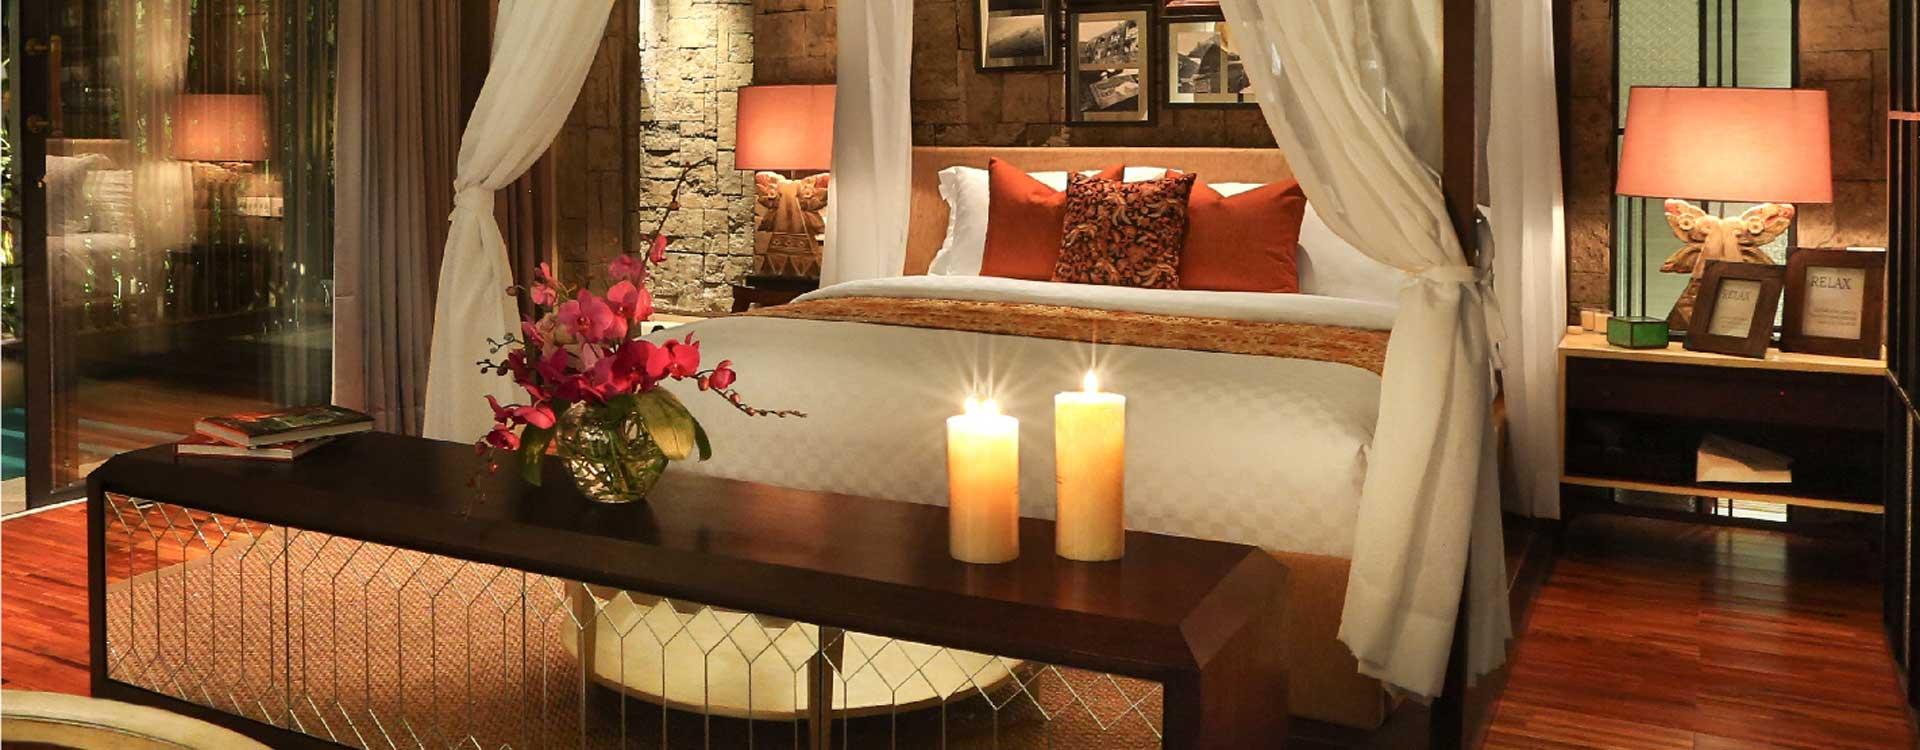 mystique romantic villa